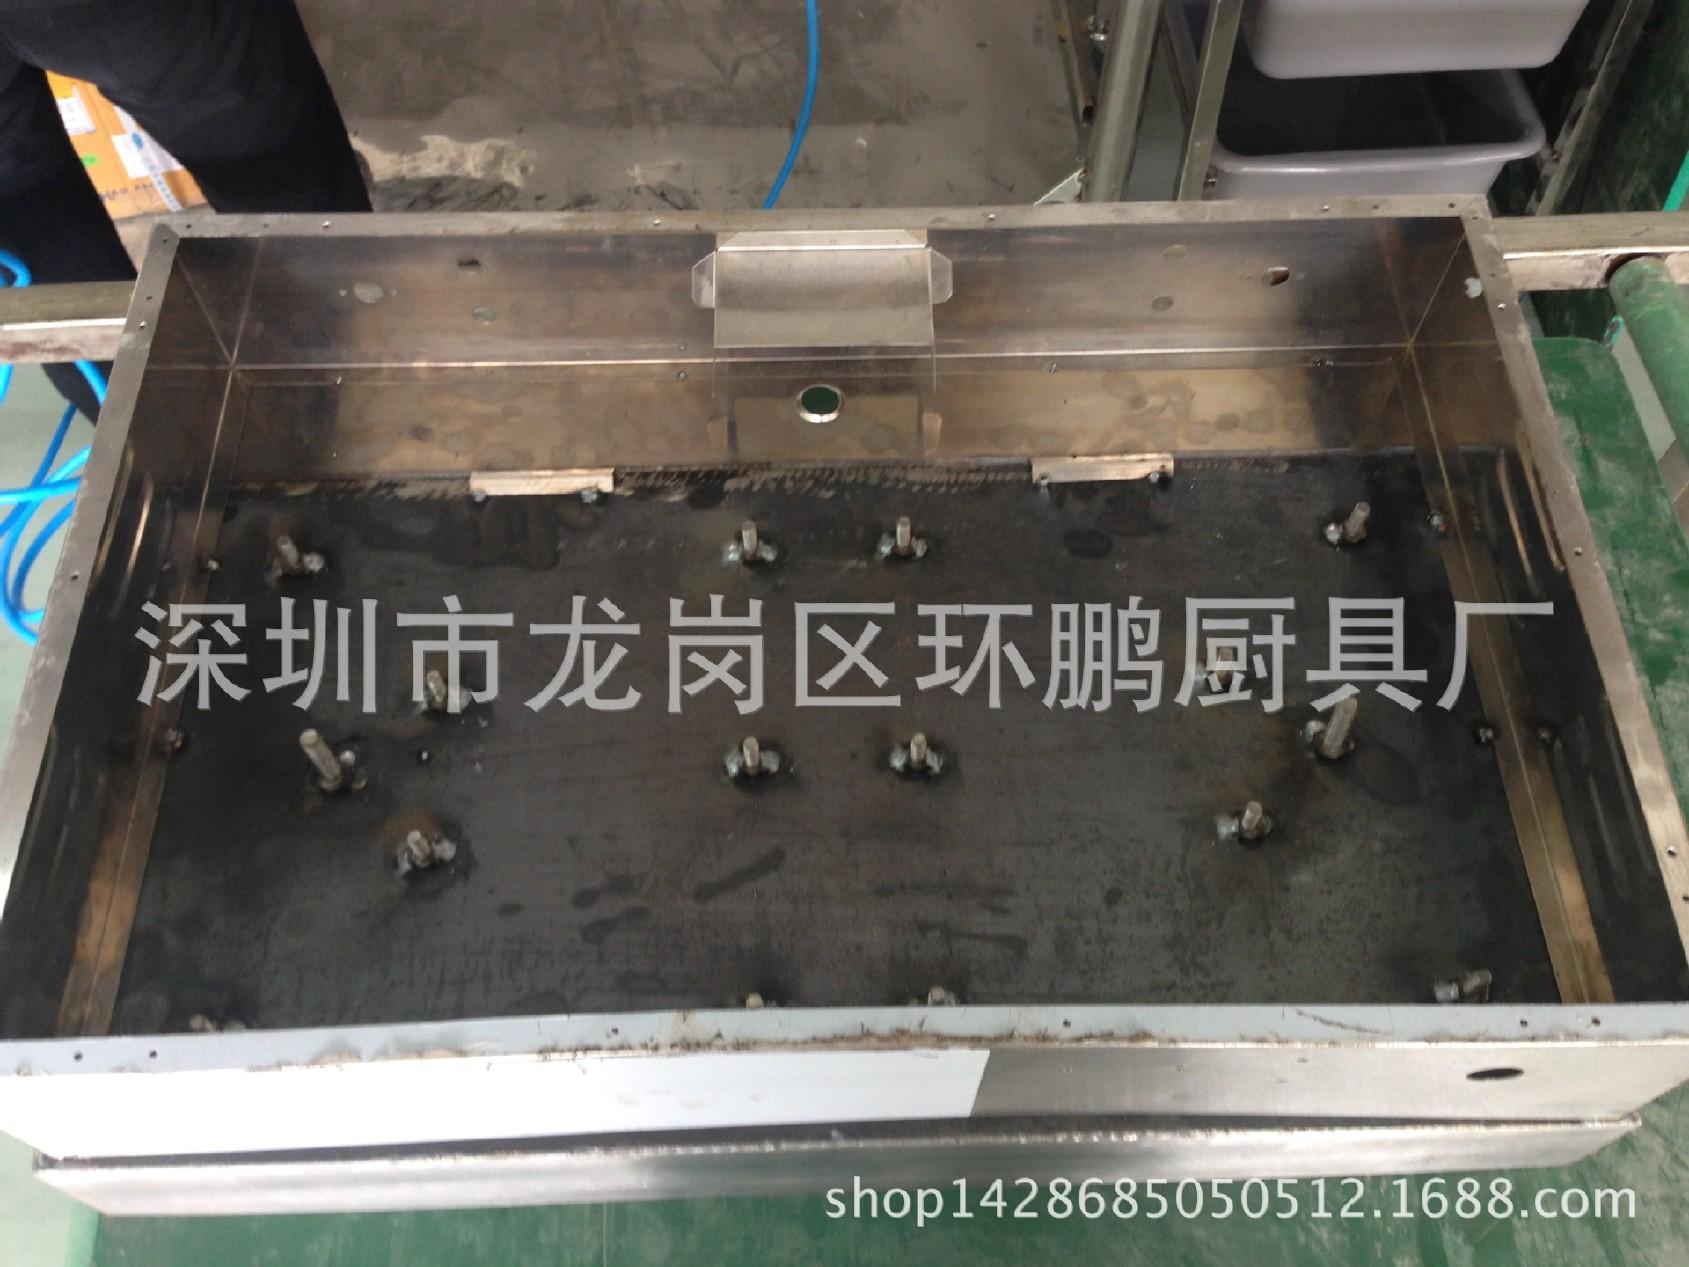 厂家直销我与你们不锈钢820电ζ 平扒炉煎饼炉加厚扒板双 4.2kw 炊事↑设备示例图35